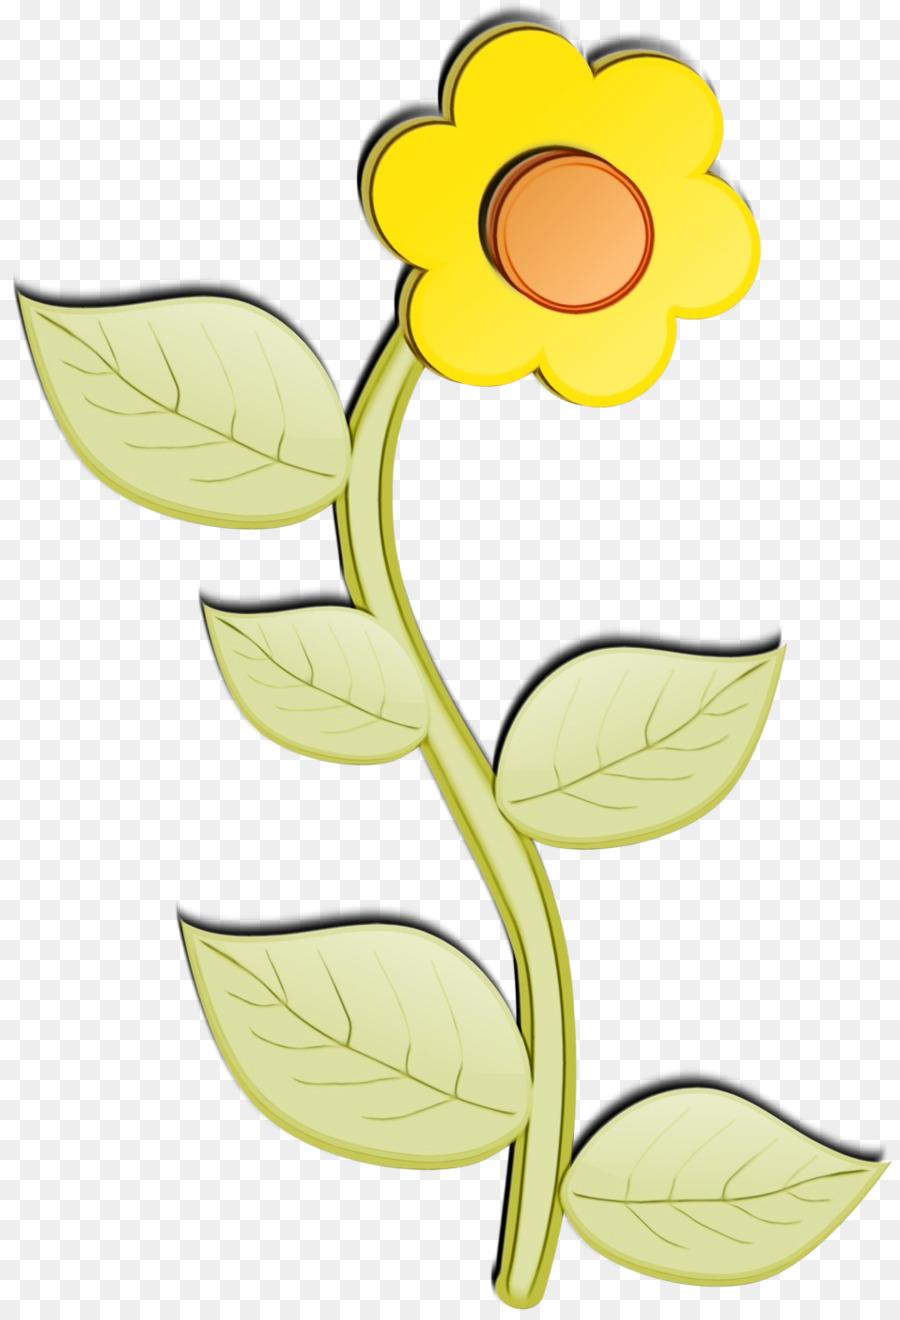 Descarga gratuita de Amarillo, Flor, Planta Imágen de Png